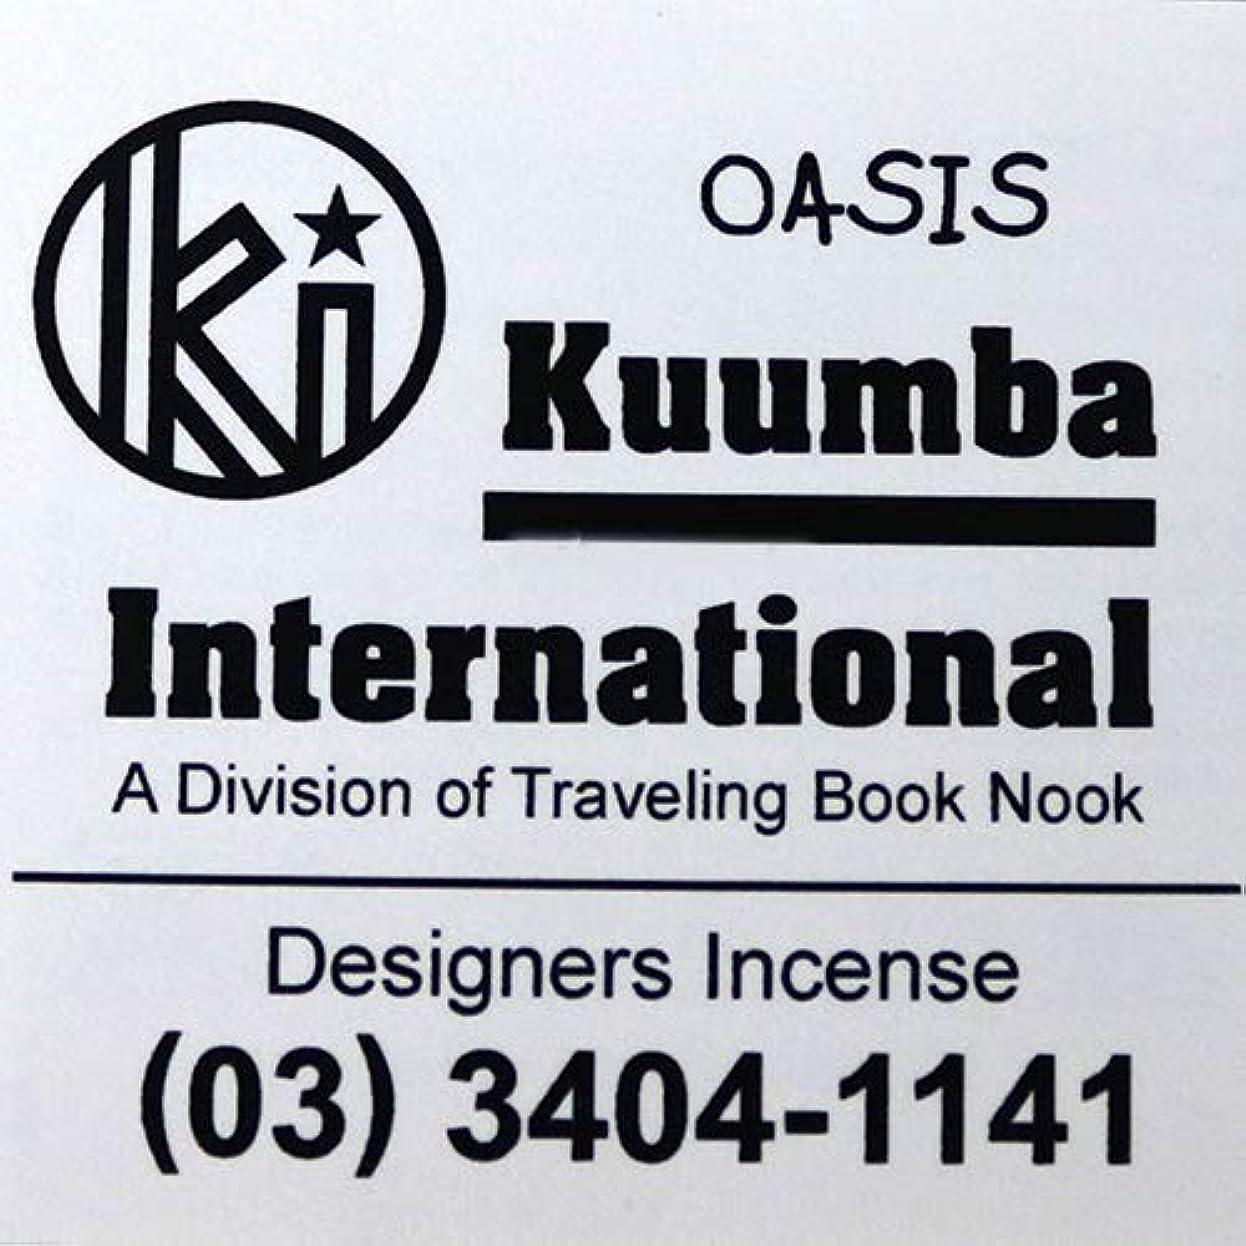 戦う遠洋の財産(クンバ) KUUMBA『incense』(OASIS) (OASIS, Regular size)